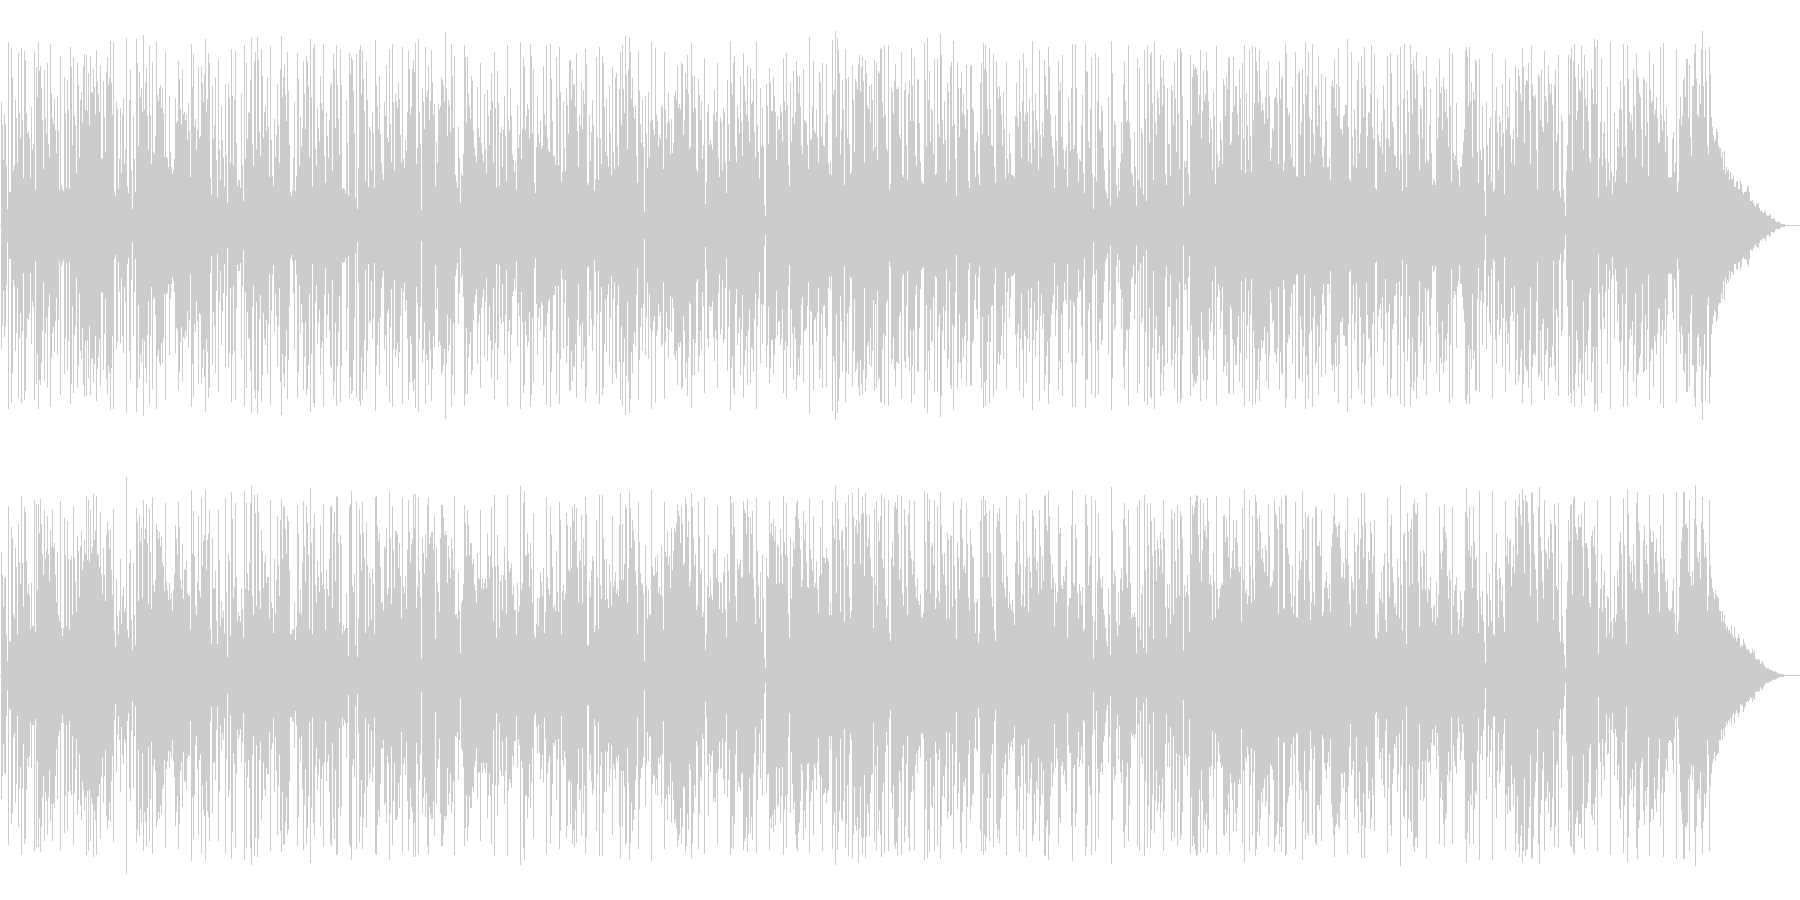 ほのぼのとしたレゲエソングの未再生の波形